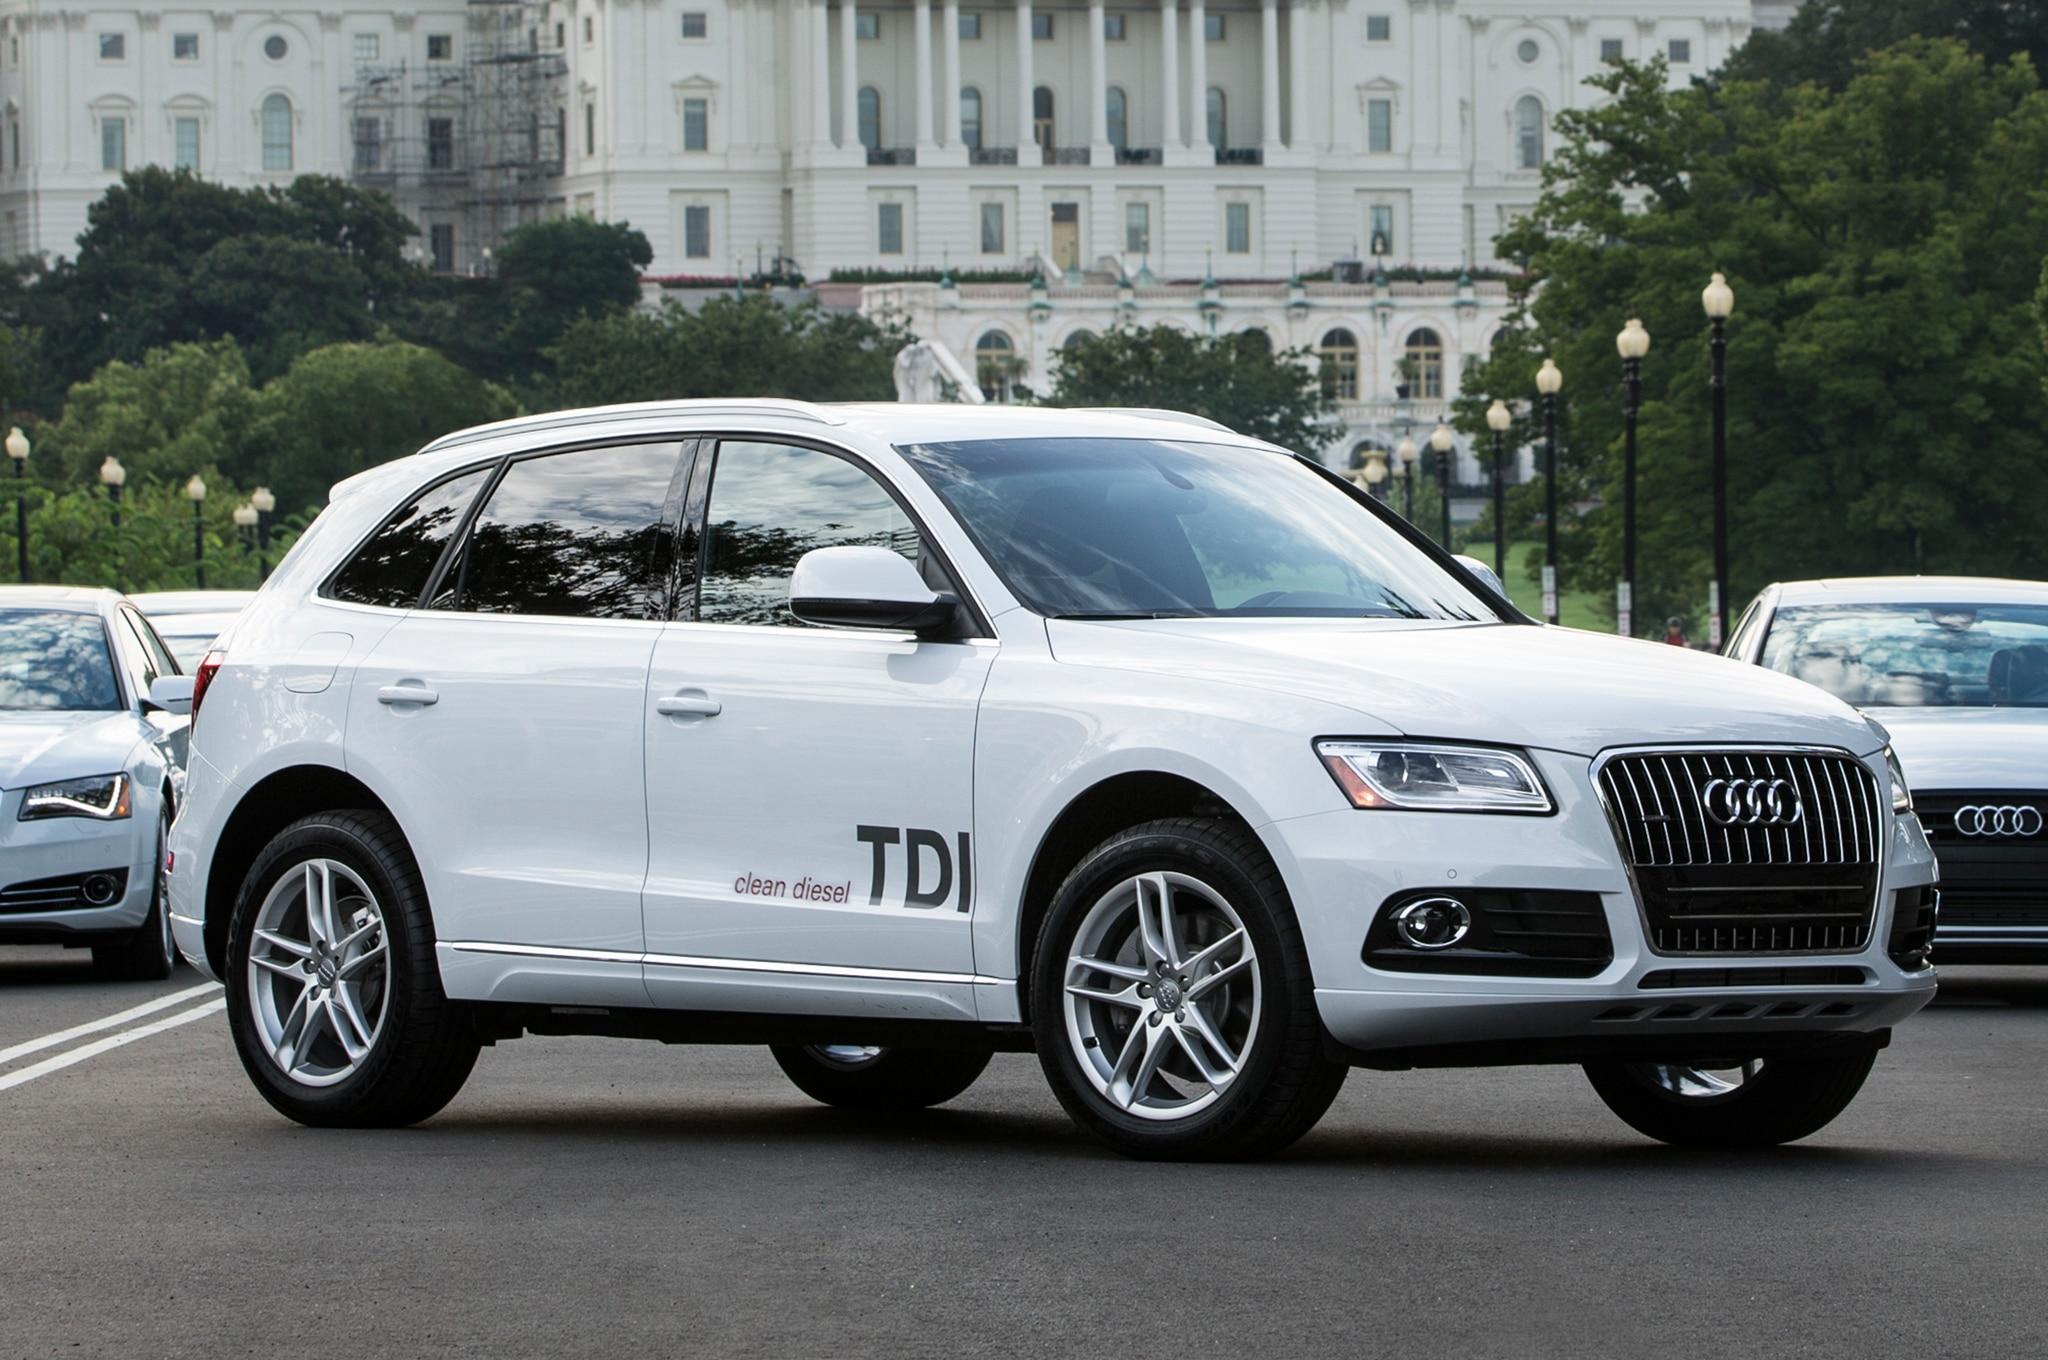 EPA Finds Emissions Cheating in Volkswagen, Audi, Porsche 3.0L Diesels